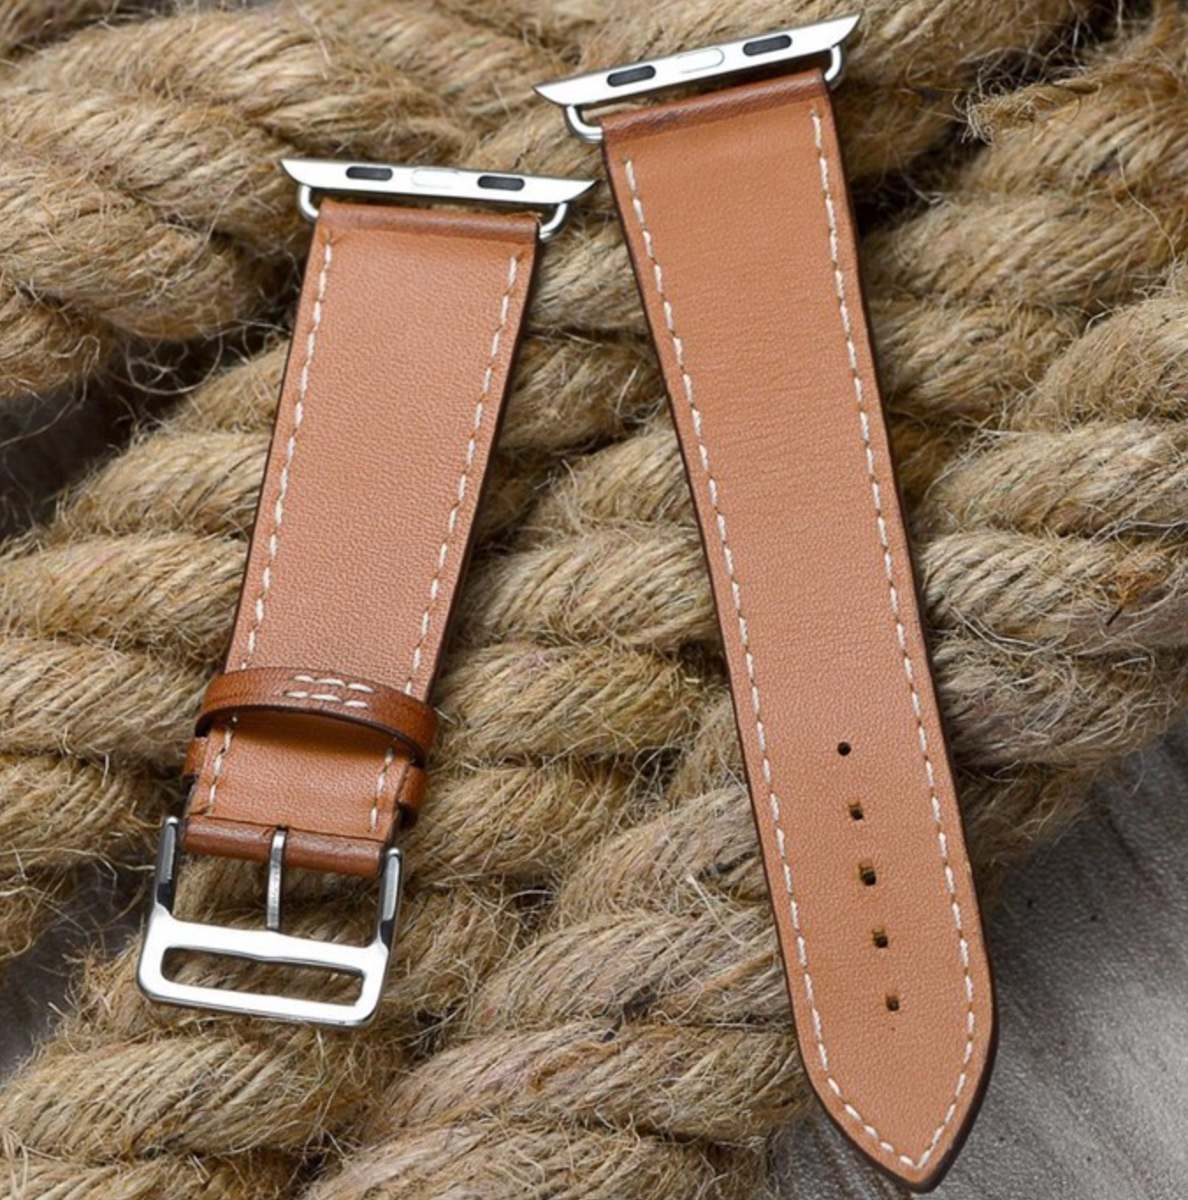 39dadaac533 pulseira em couro estilo hermes apple watch 38 40mm - marrom. Carregando  zoom.